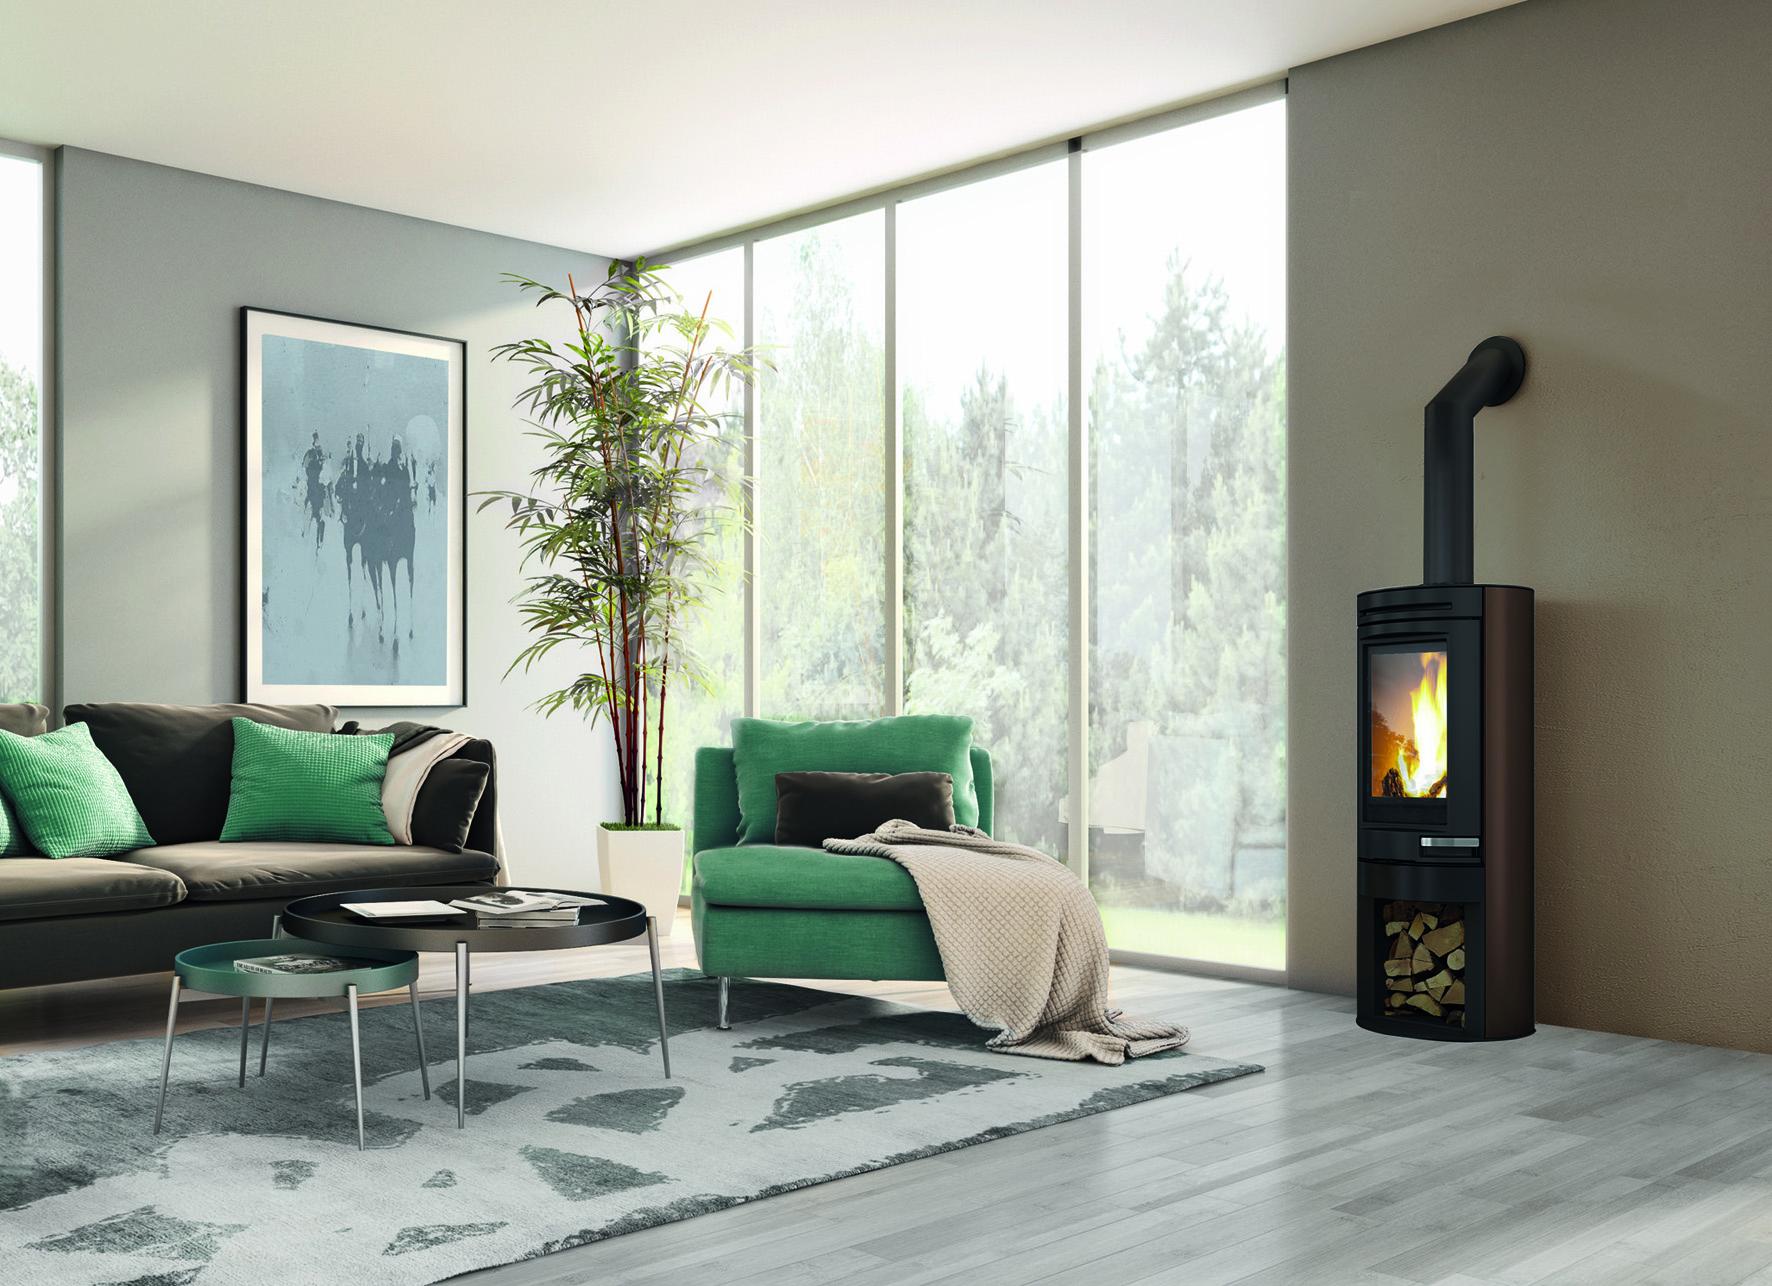 warmluft kaminofen kanalisierbar online kaufen bei. Black Bedroom Furniture Sets. Home Design Ideas